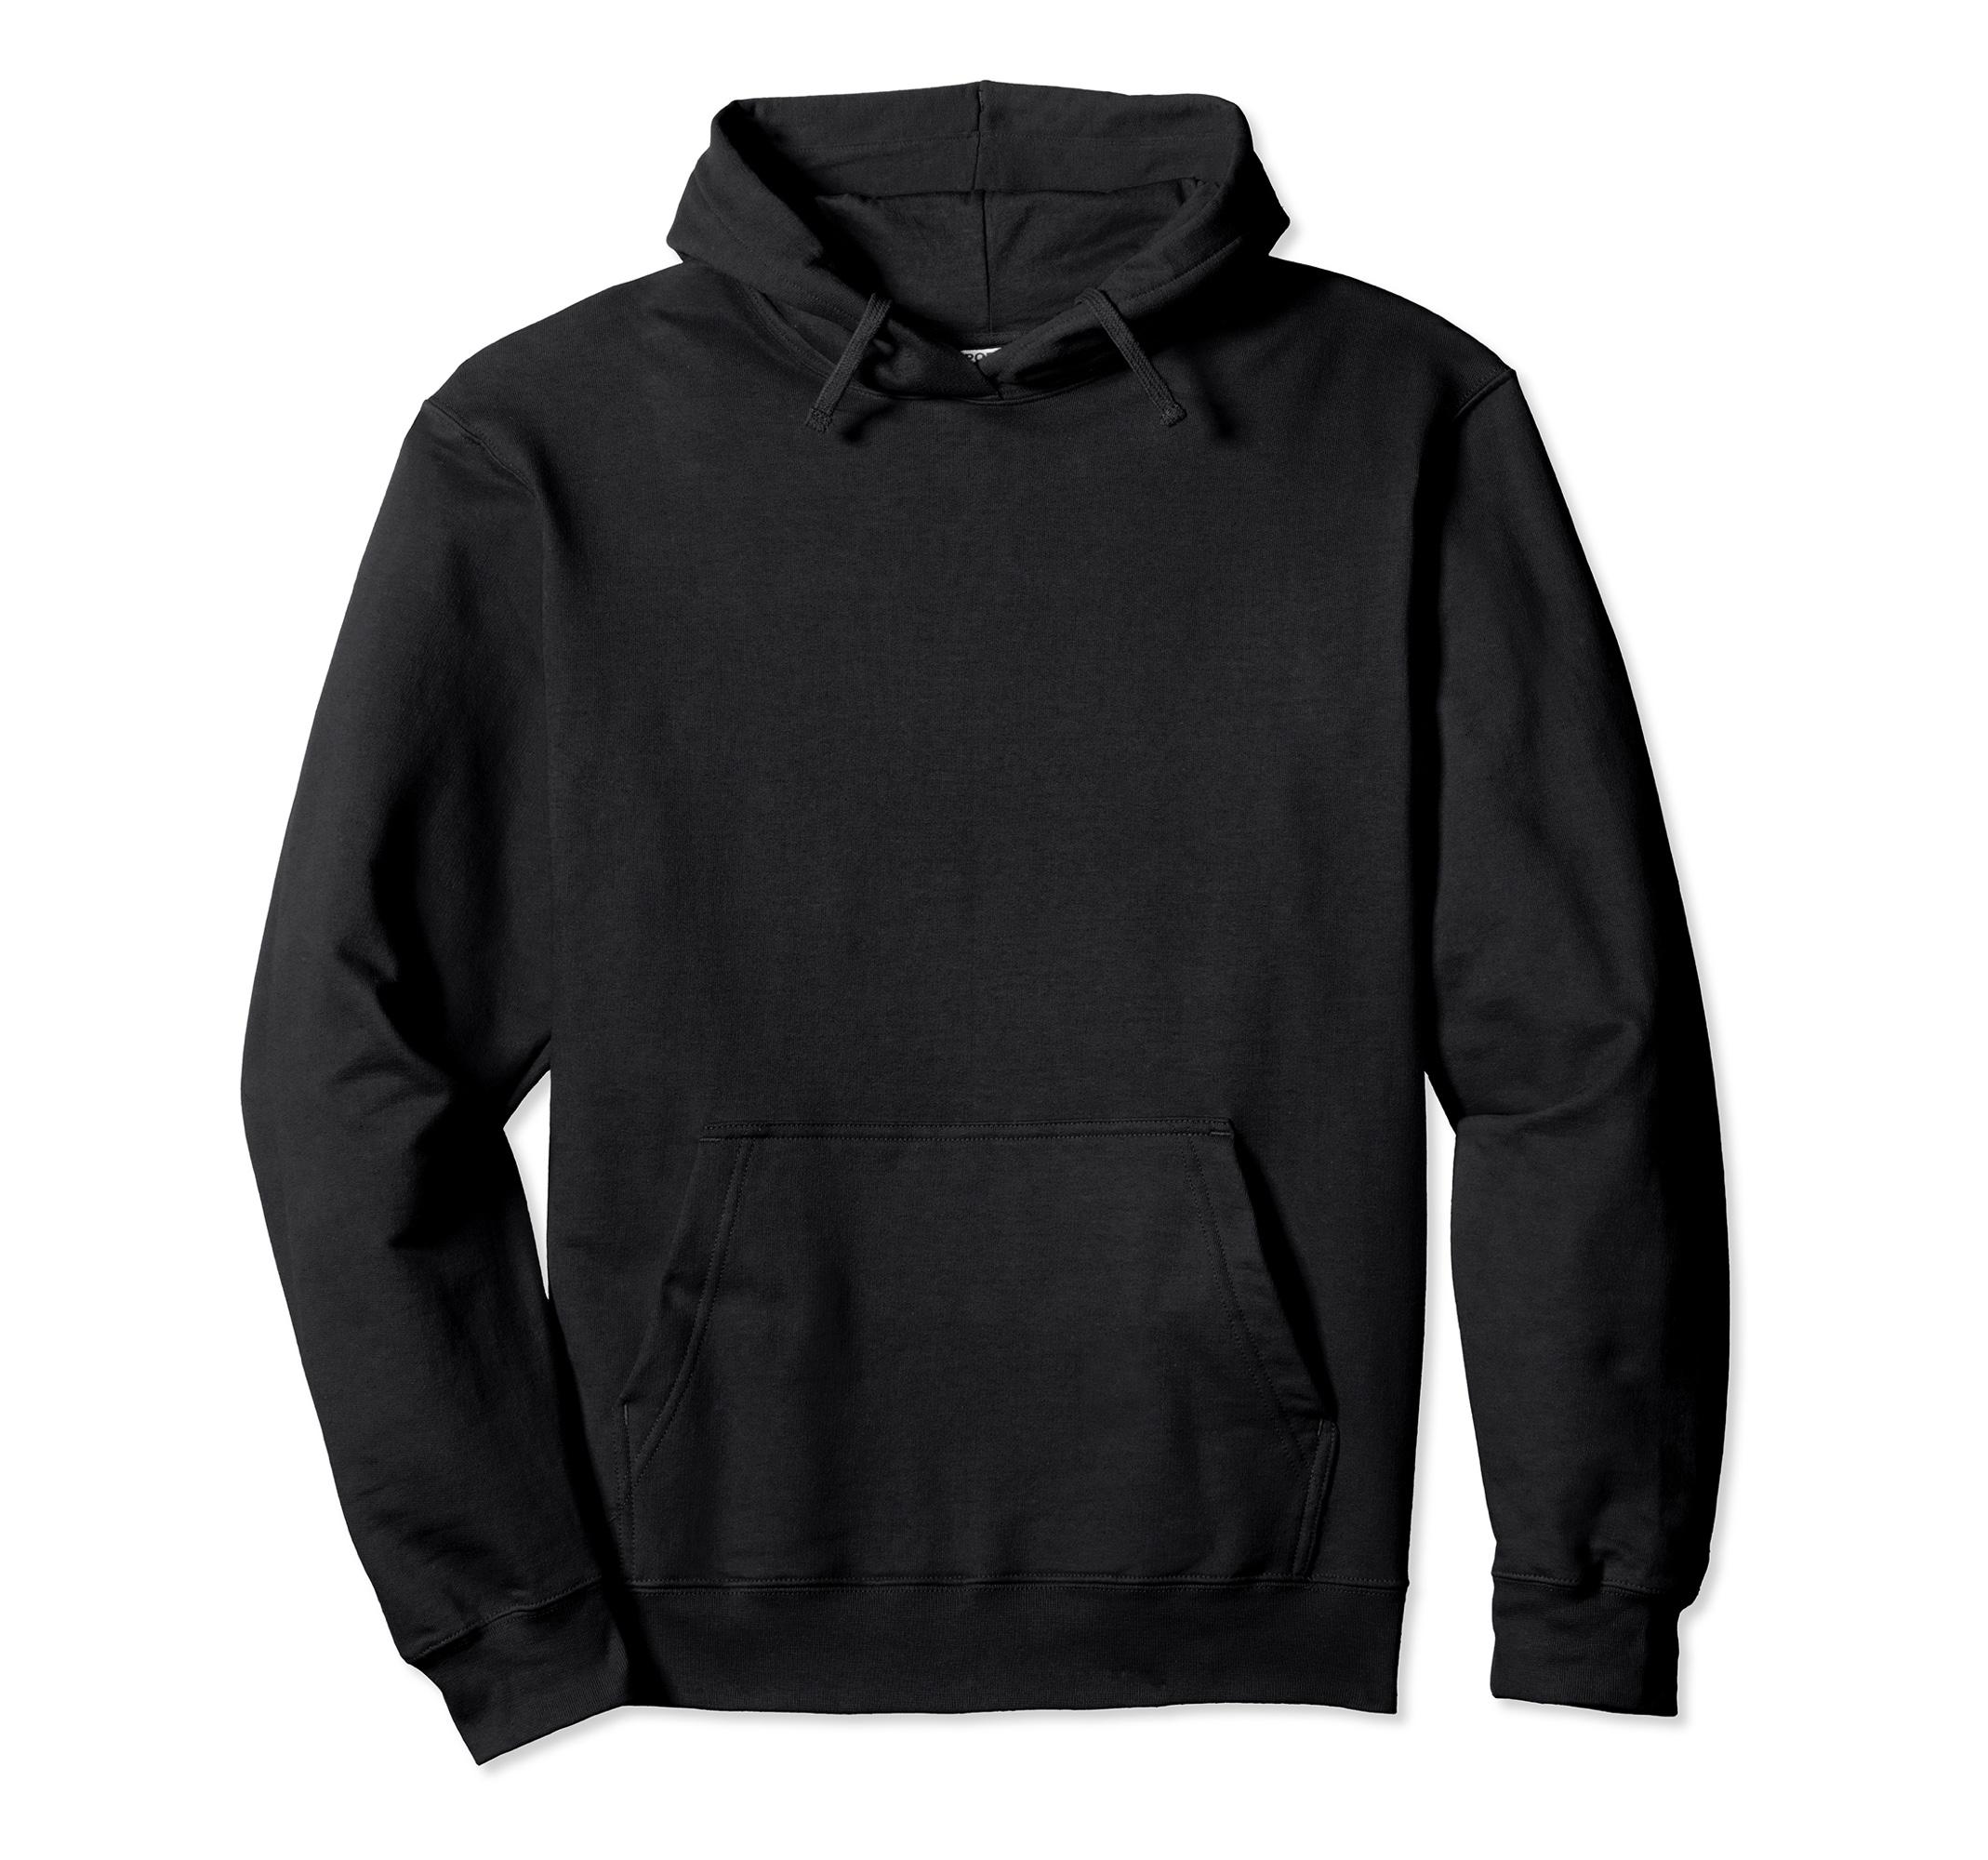 New Cotton Grey Hoodie Hoodies & Sweatshirts Activewear Miniture Pinscher